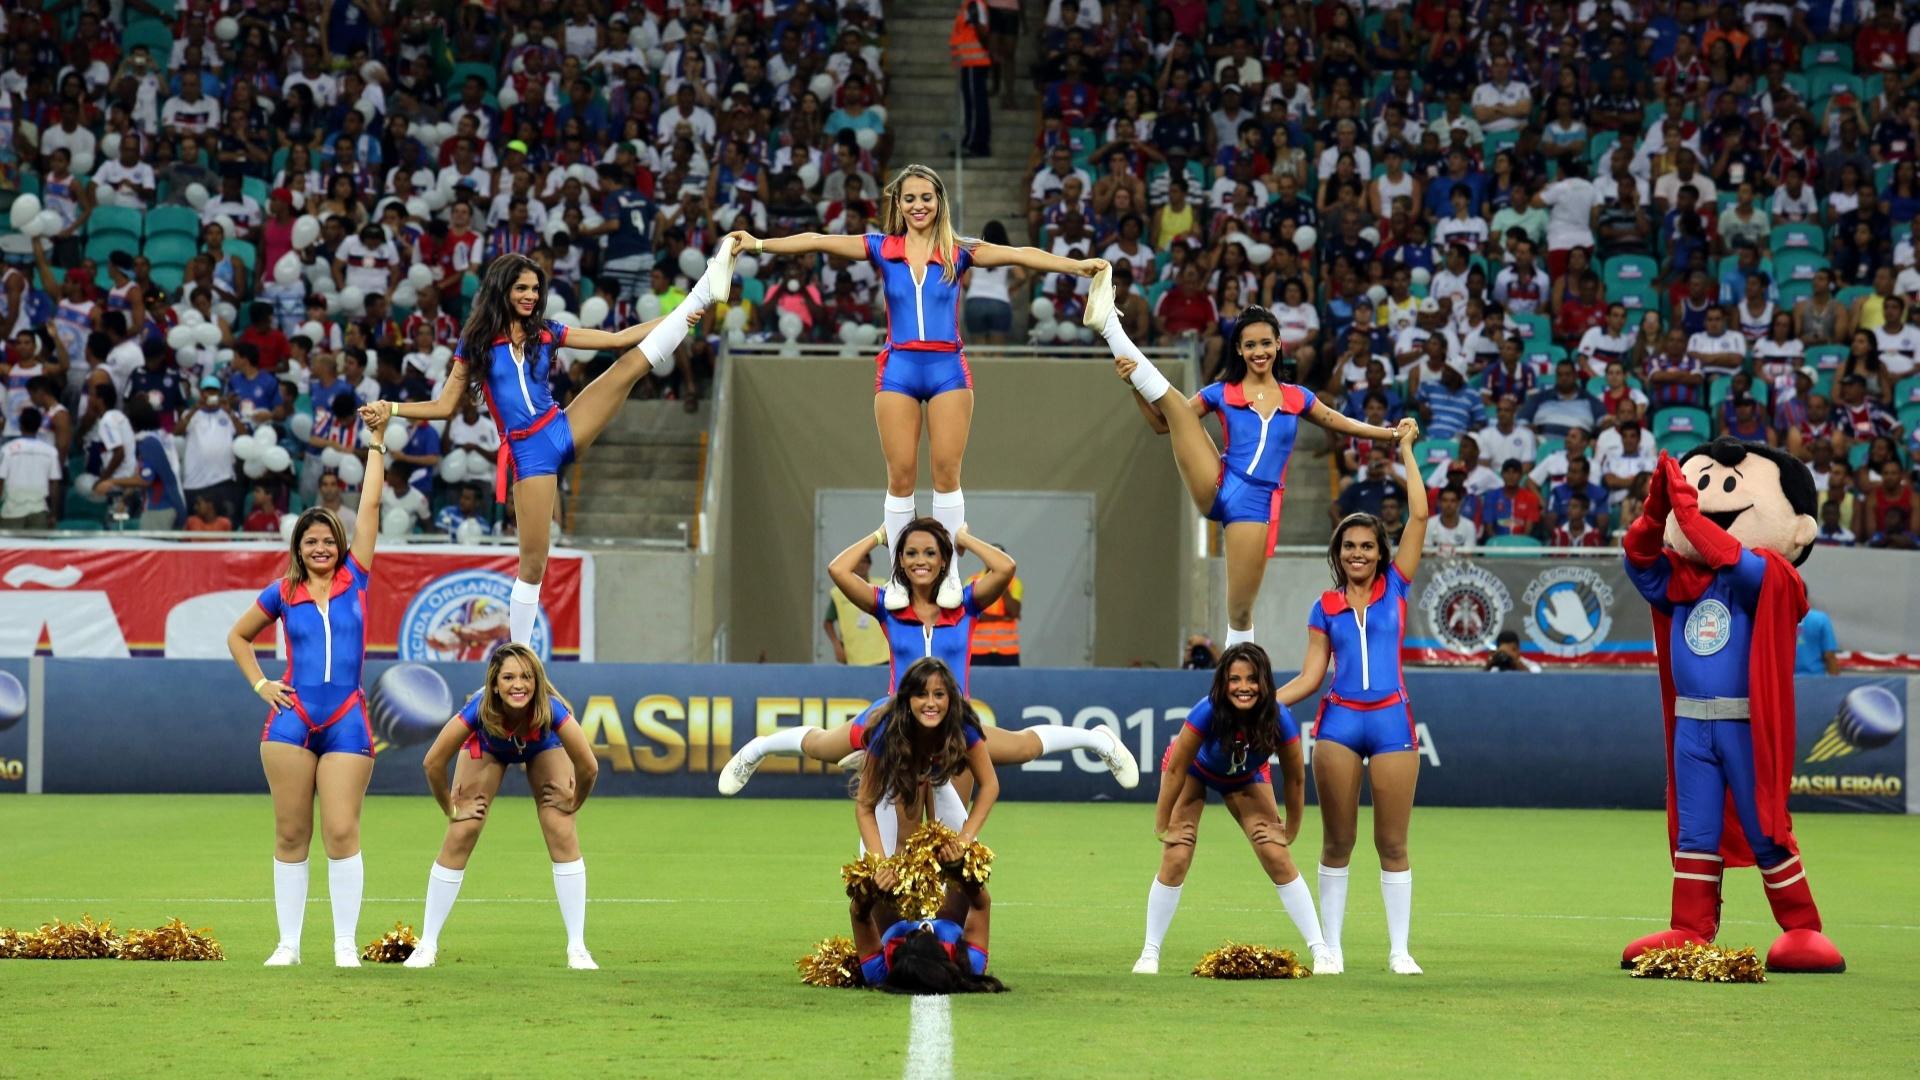 09.nov.2013 - Show das cheerleaders do Bahia inclui até acrobacias